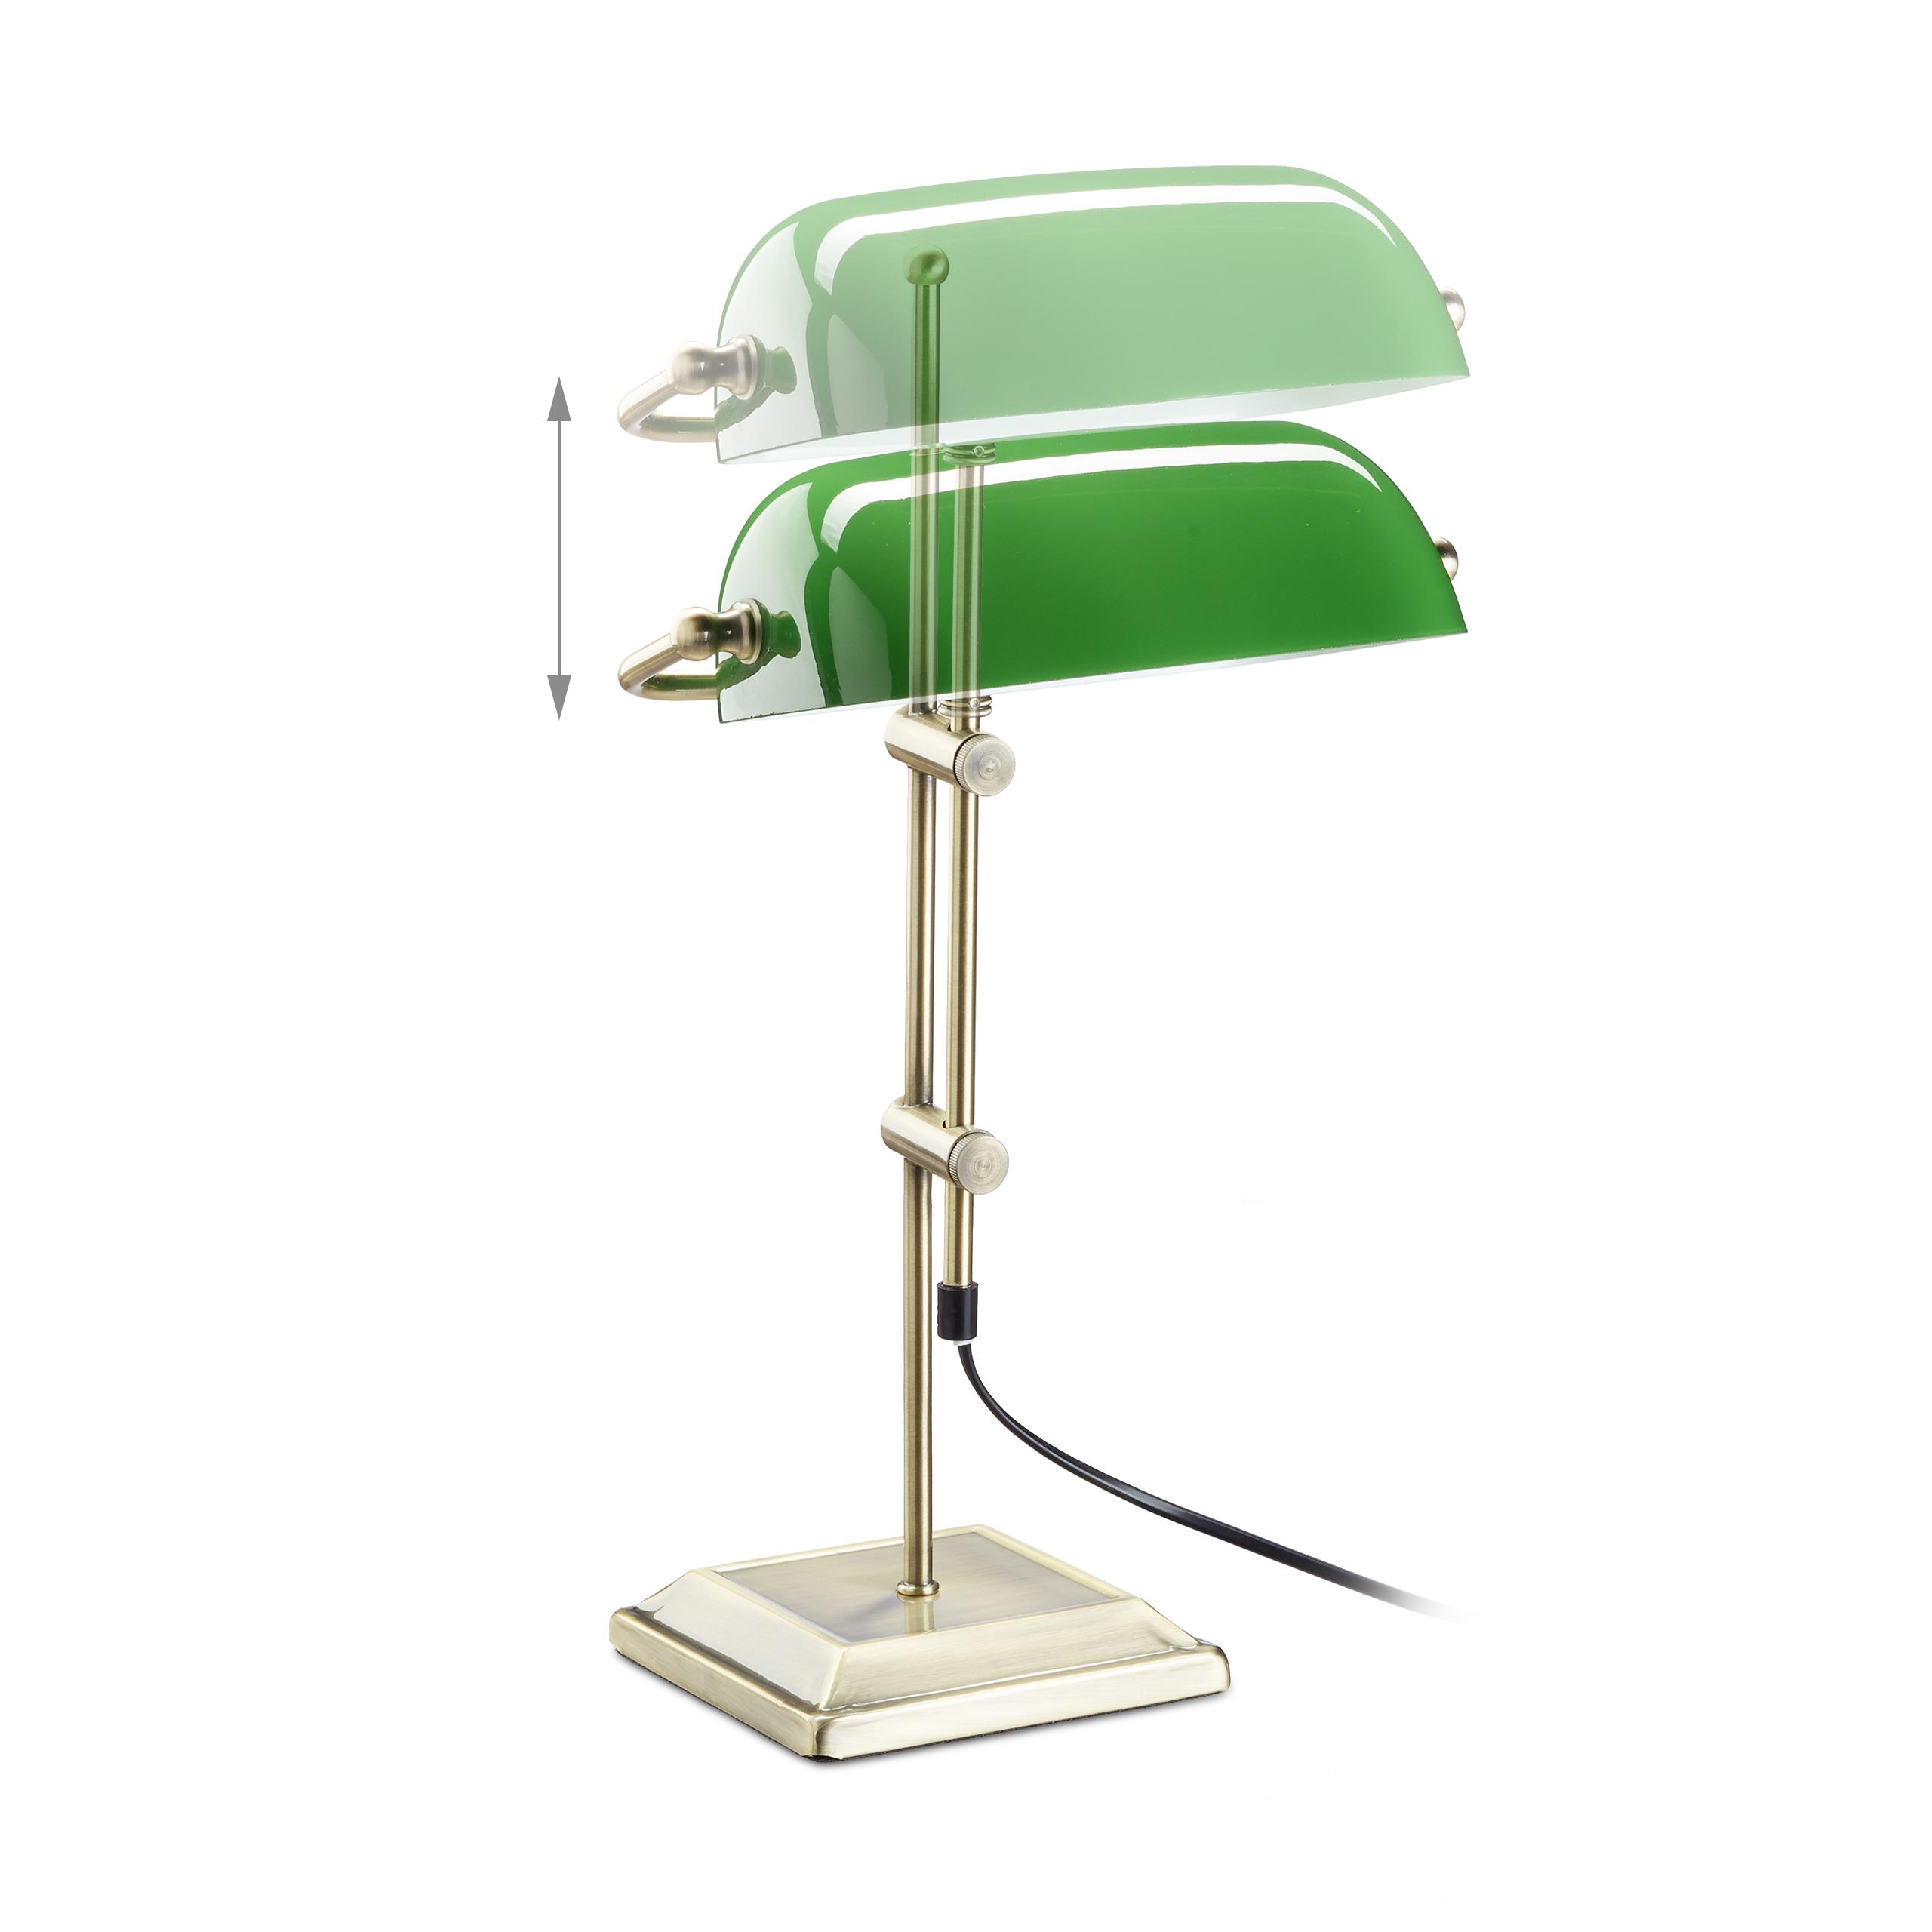 Bankerlampe gr n arbeitsleuchte retrolampe leselampe glas for Leselampe designklassiker